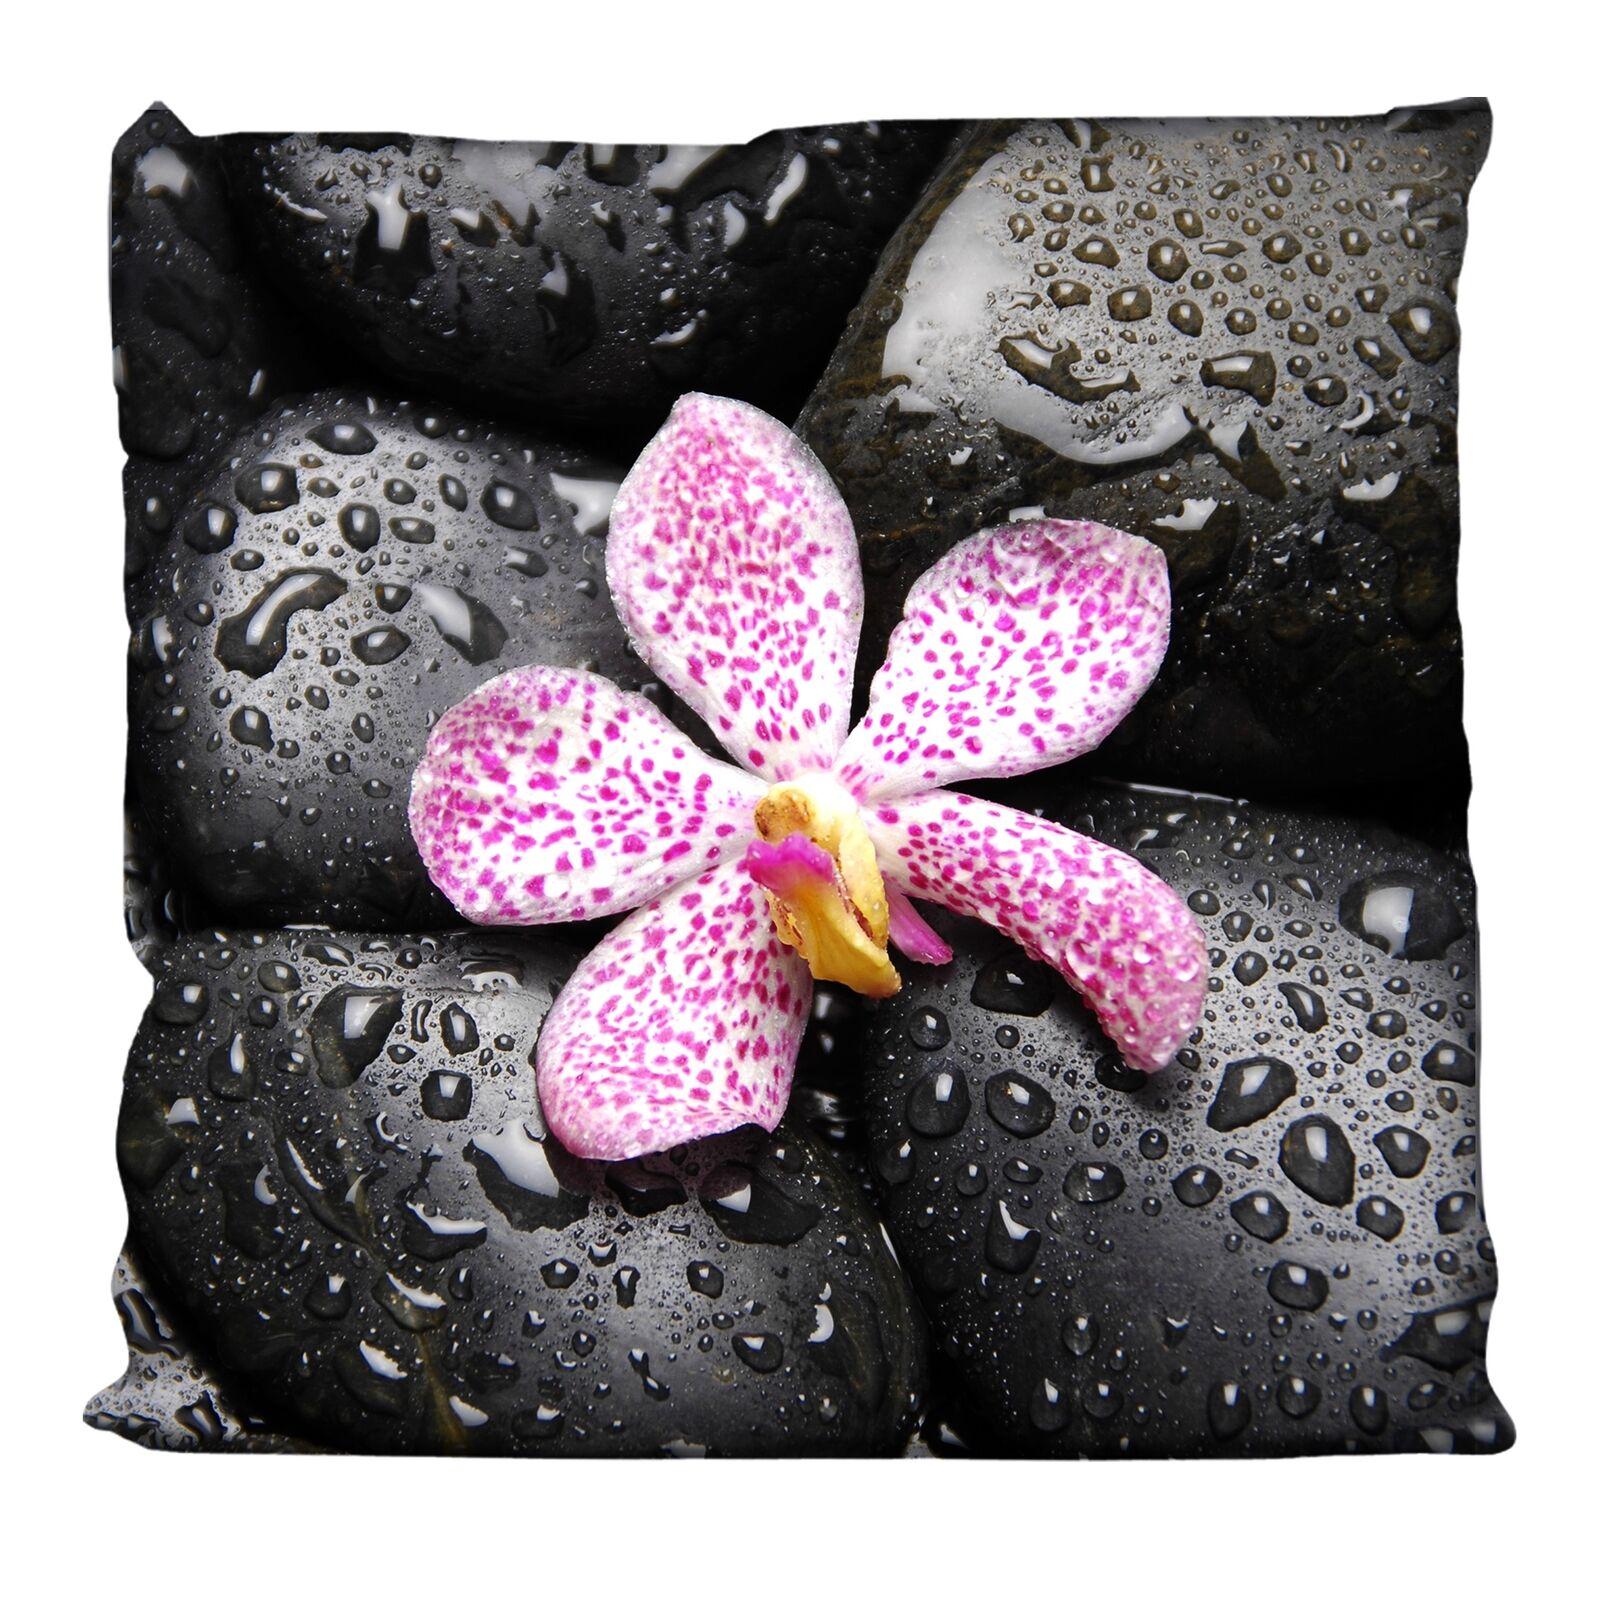 Dekokissen 38 x 38 cm Steine Orchidee schwarz Zierkissen Sofakissen